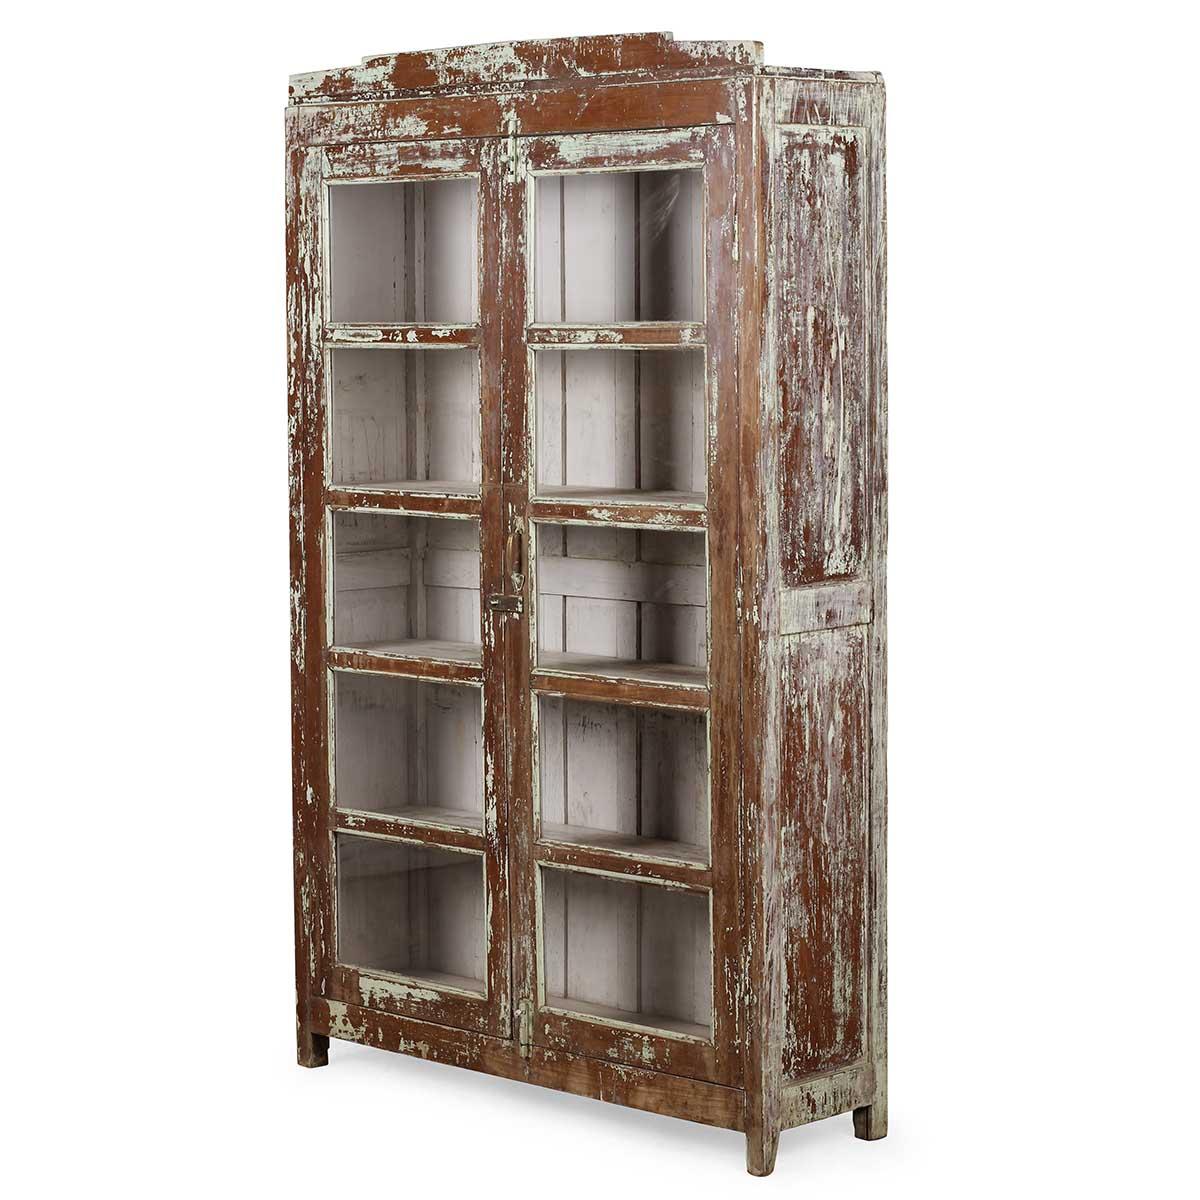 Rangement Pour Le Bois meuble industriel pour l'hôtellerie et la restauration.